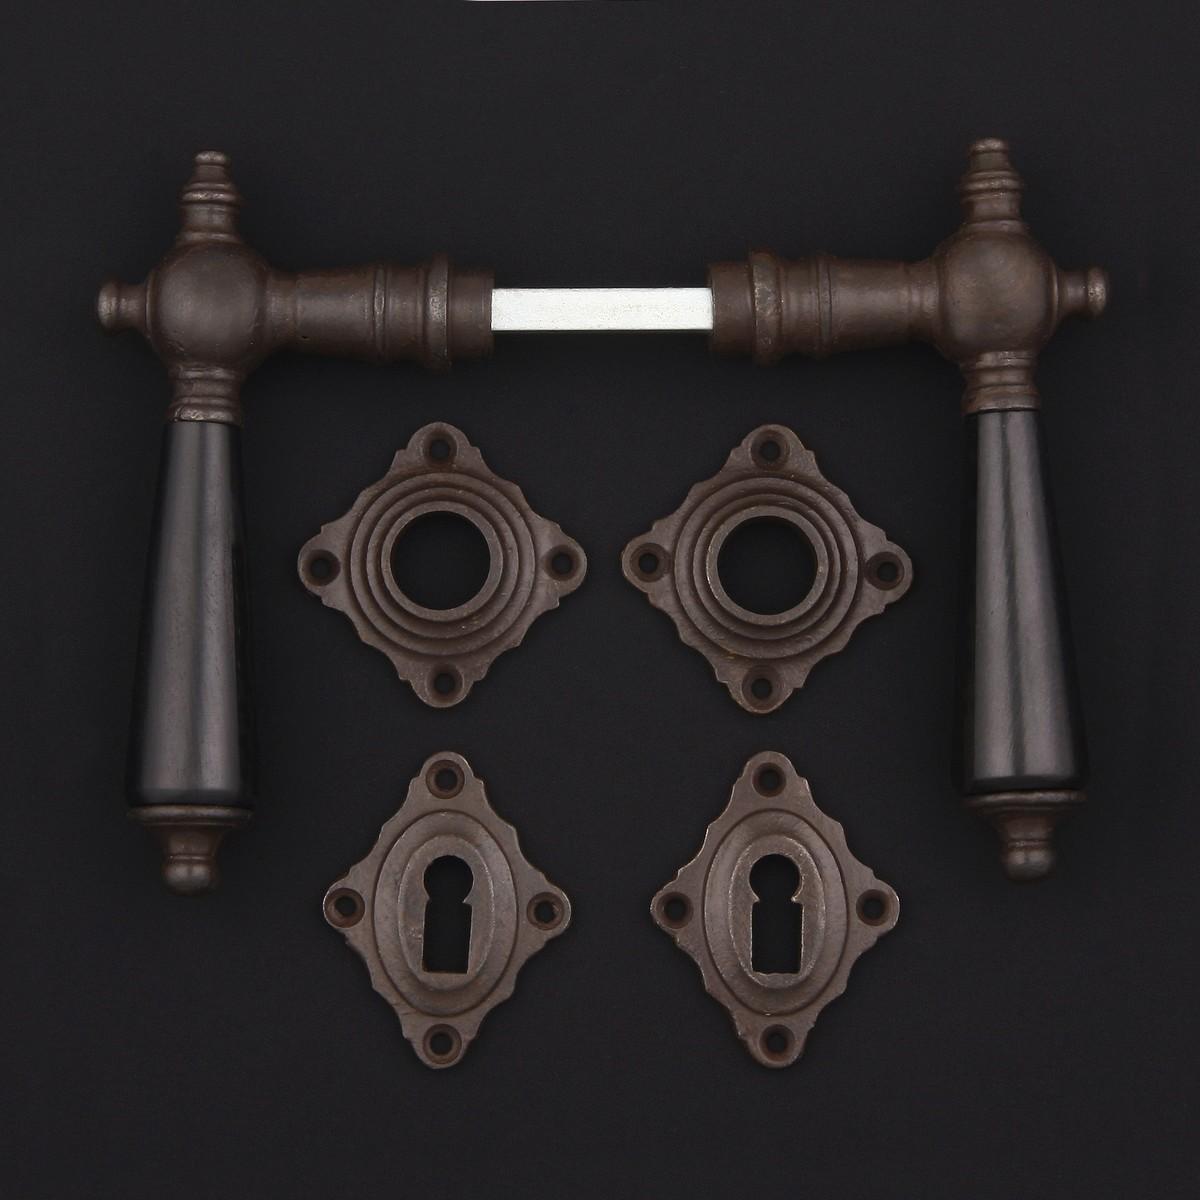 Zimmertür Rosettengarnitur, Holz - antike Türdrücker, Türklinken, Türbeschläge